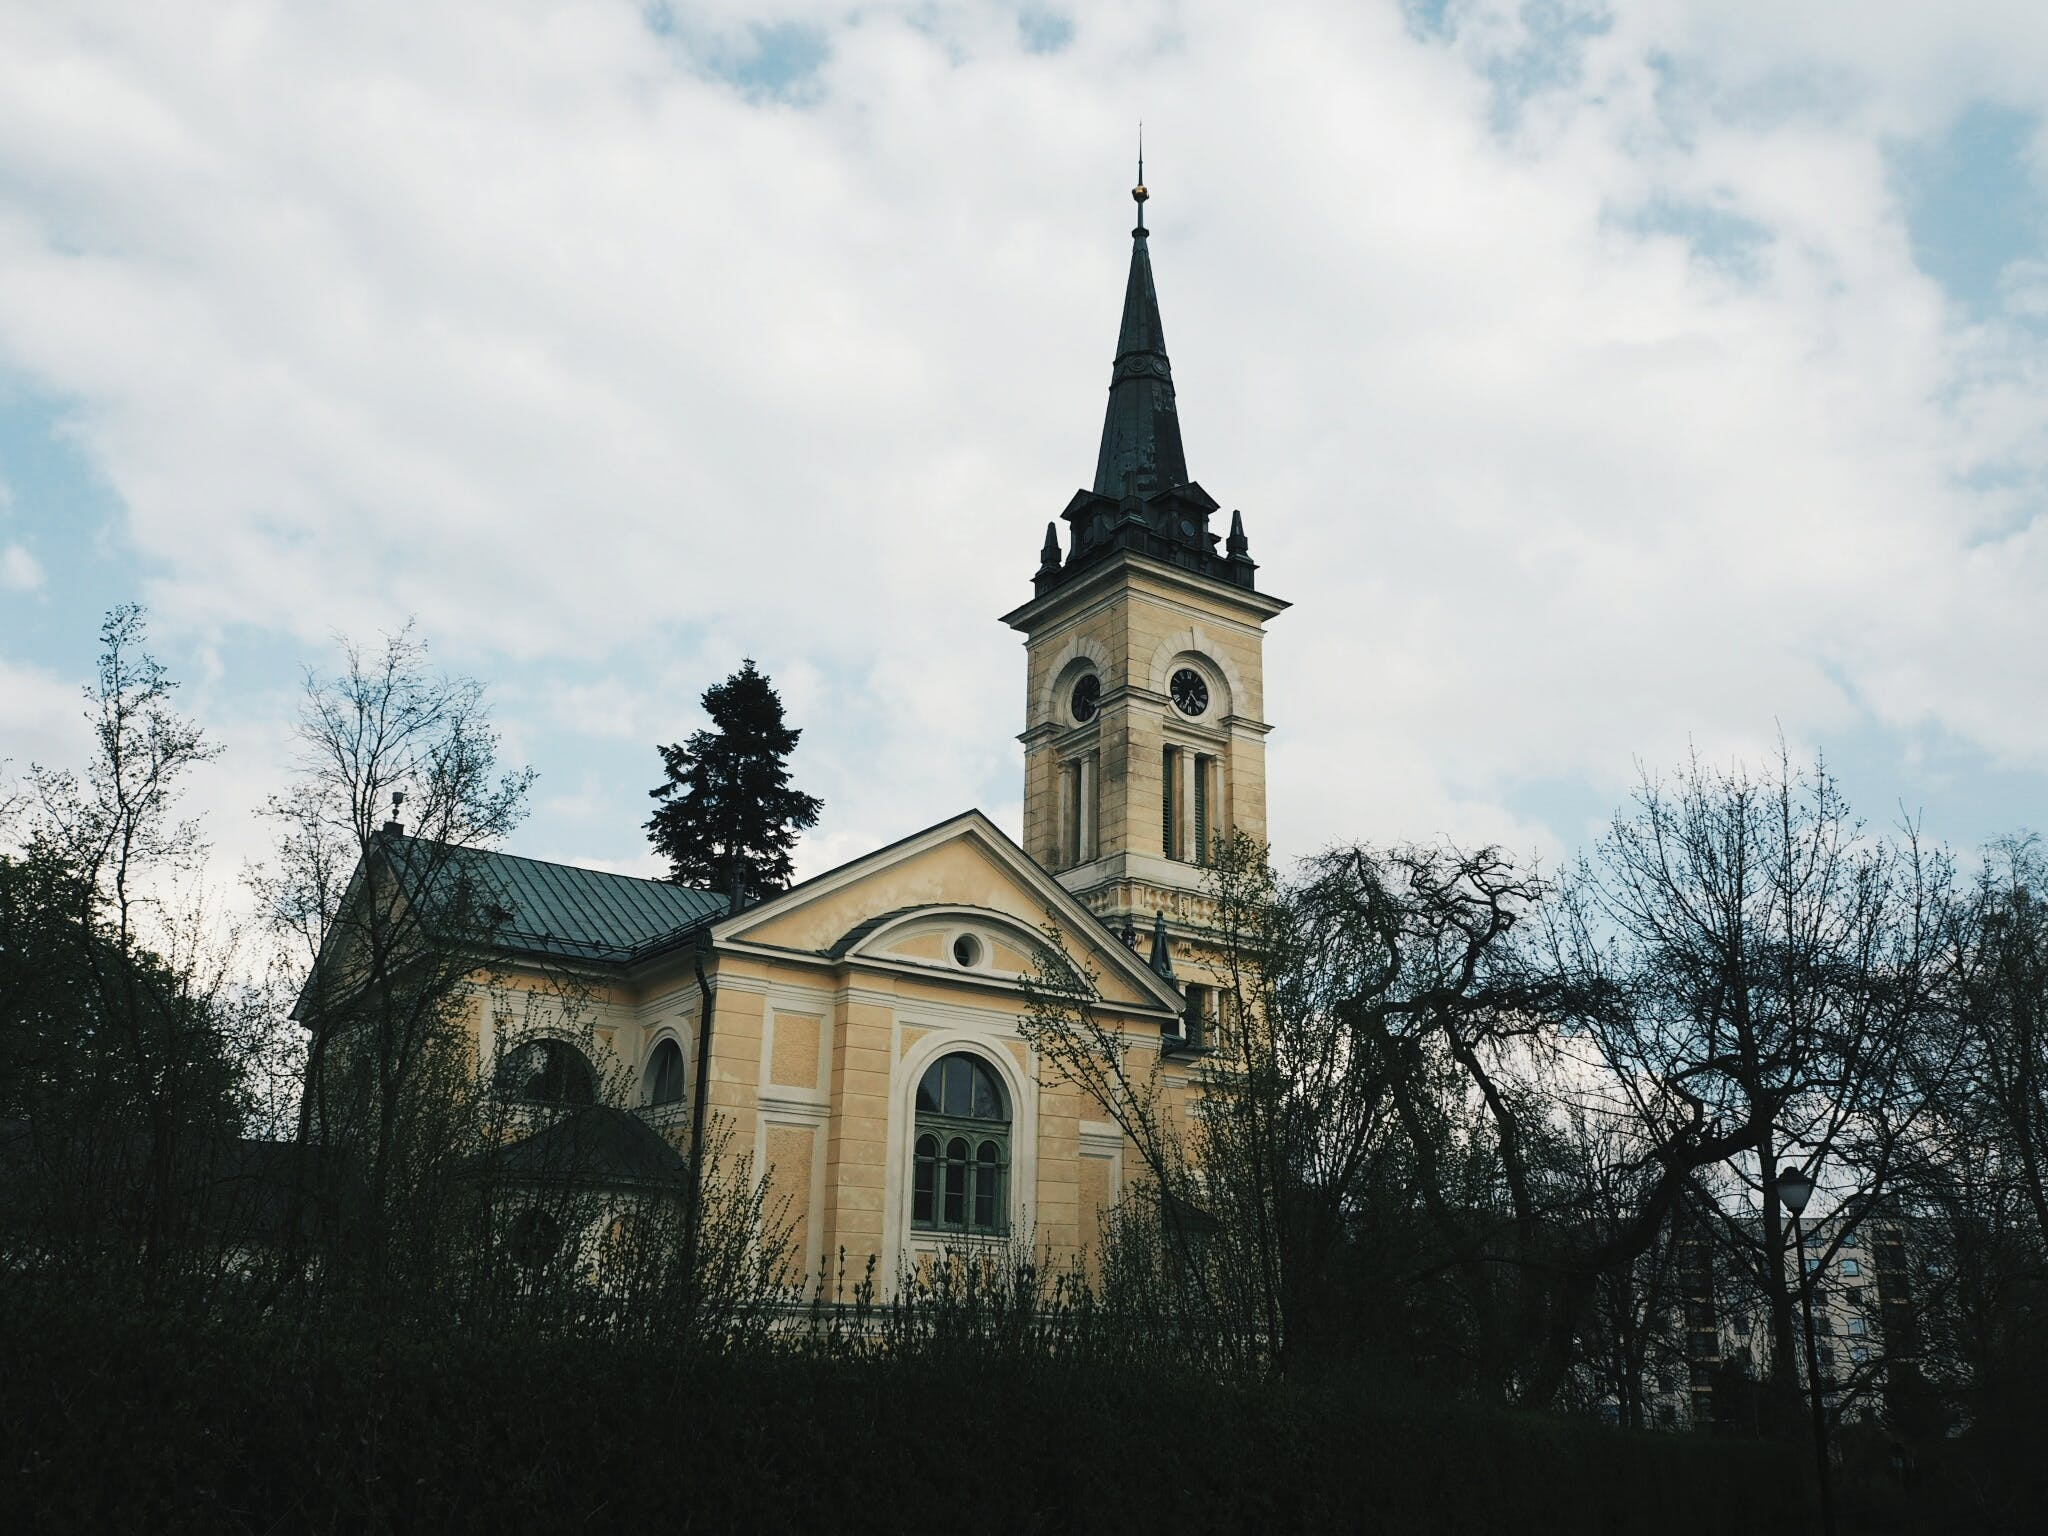 Kostenloses Stock Foto zu architektur, gebäude, himmel, kirche